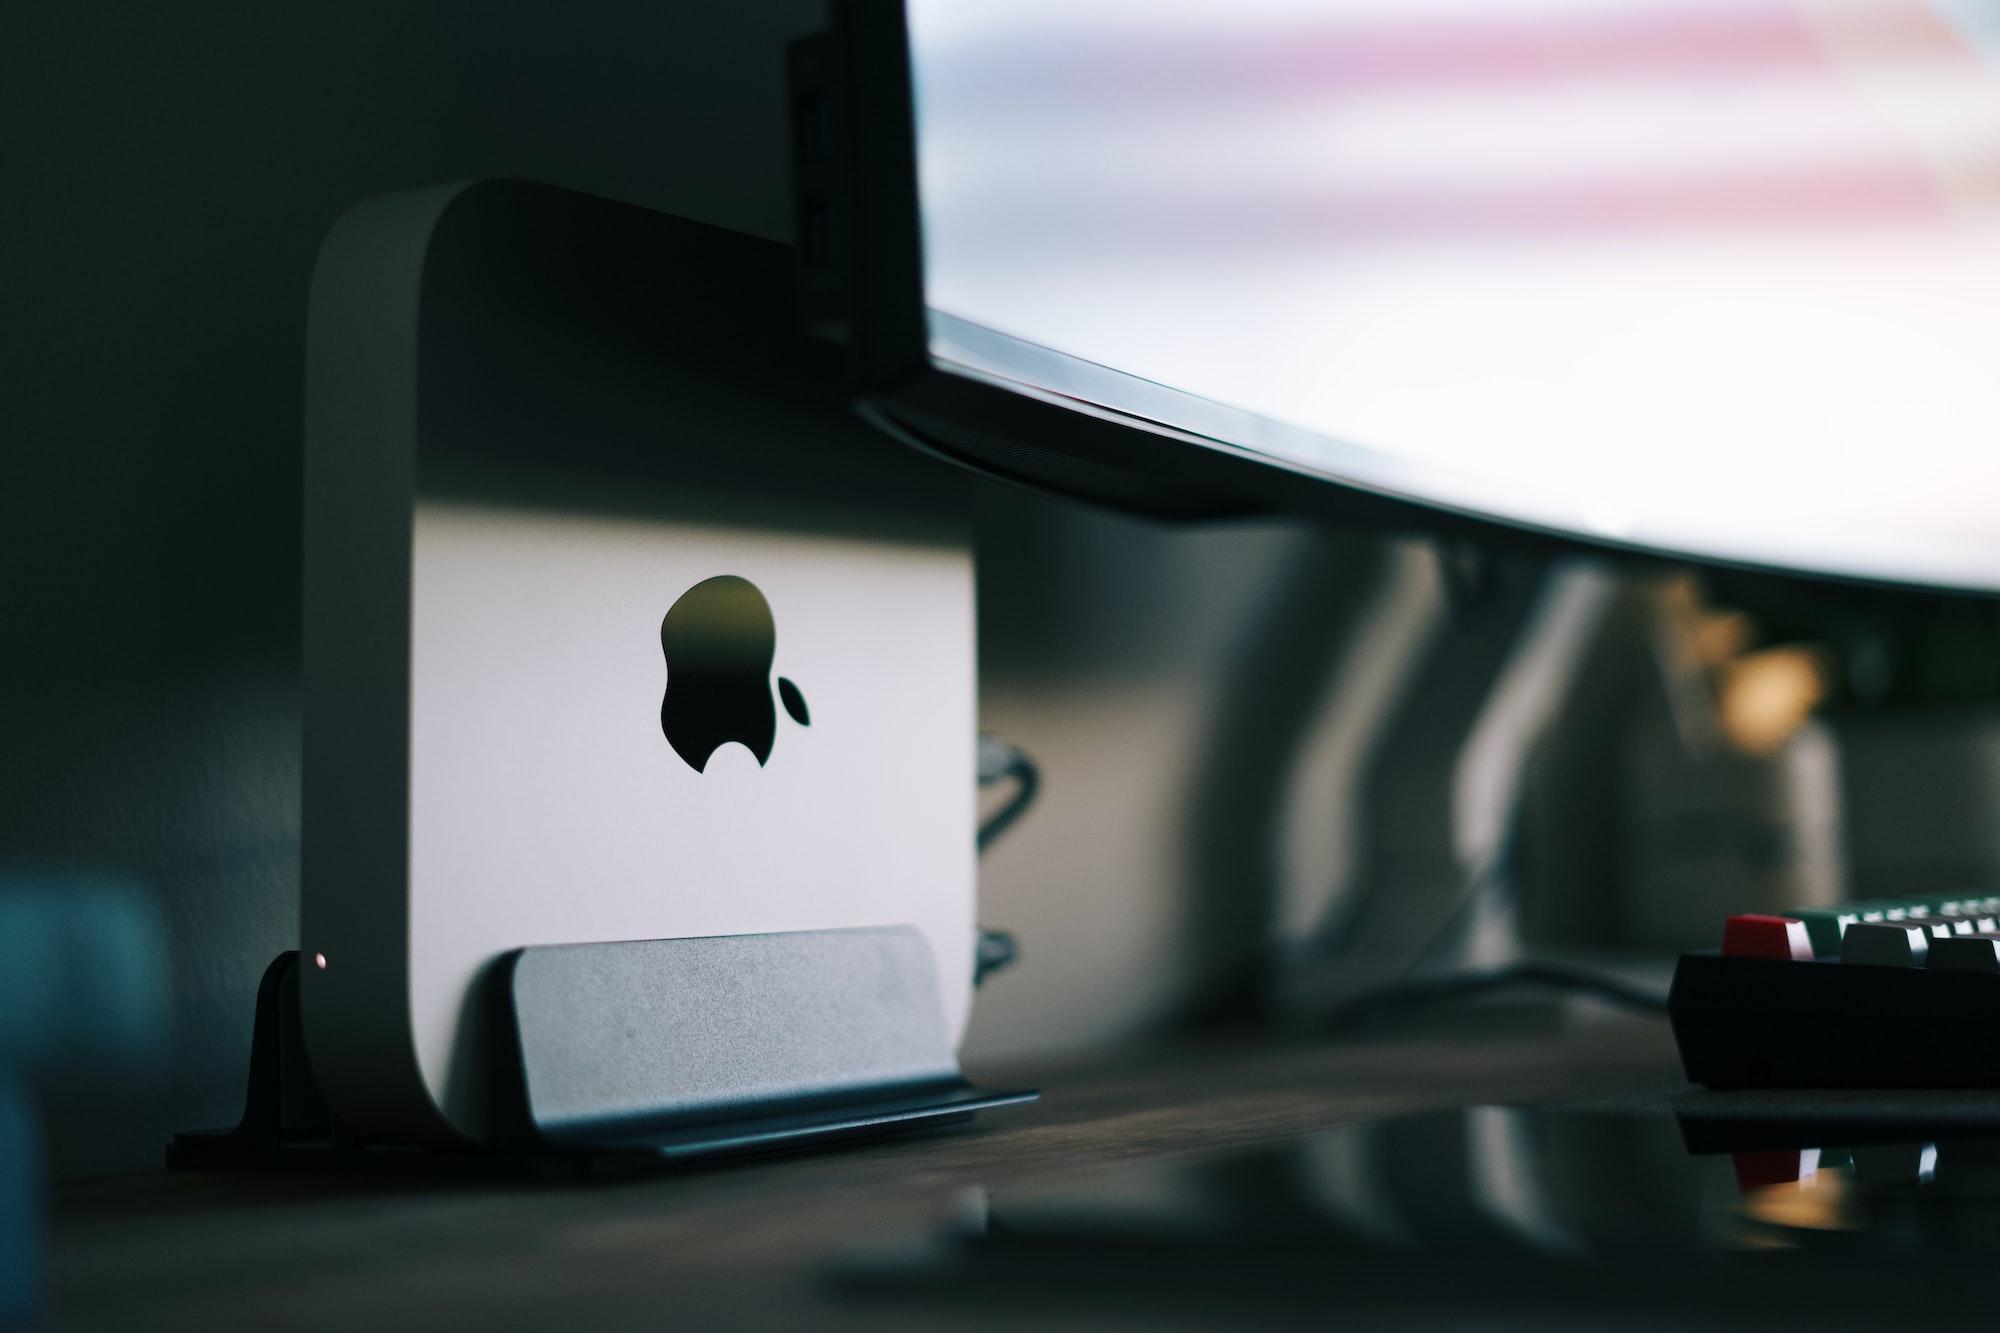 2020 Apple Mac mini M1 @ 8K UHD